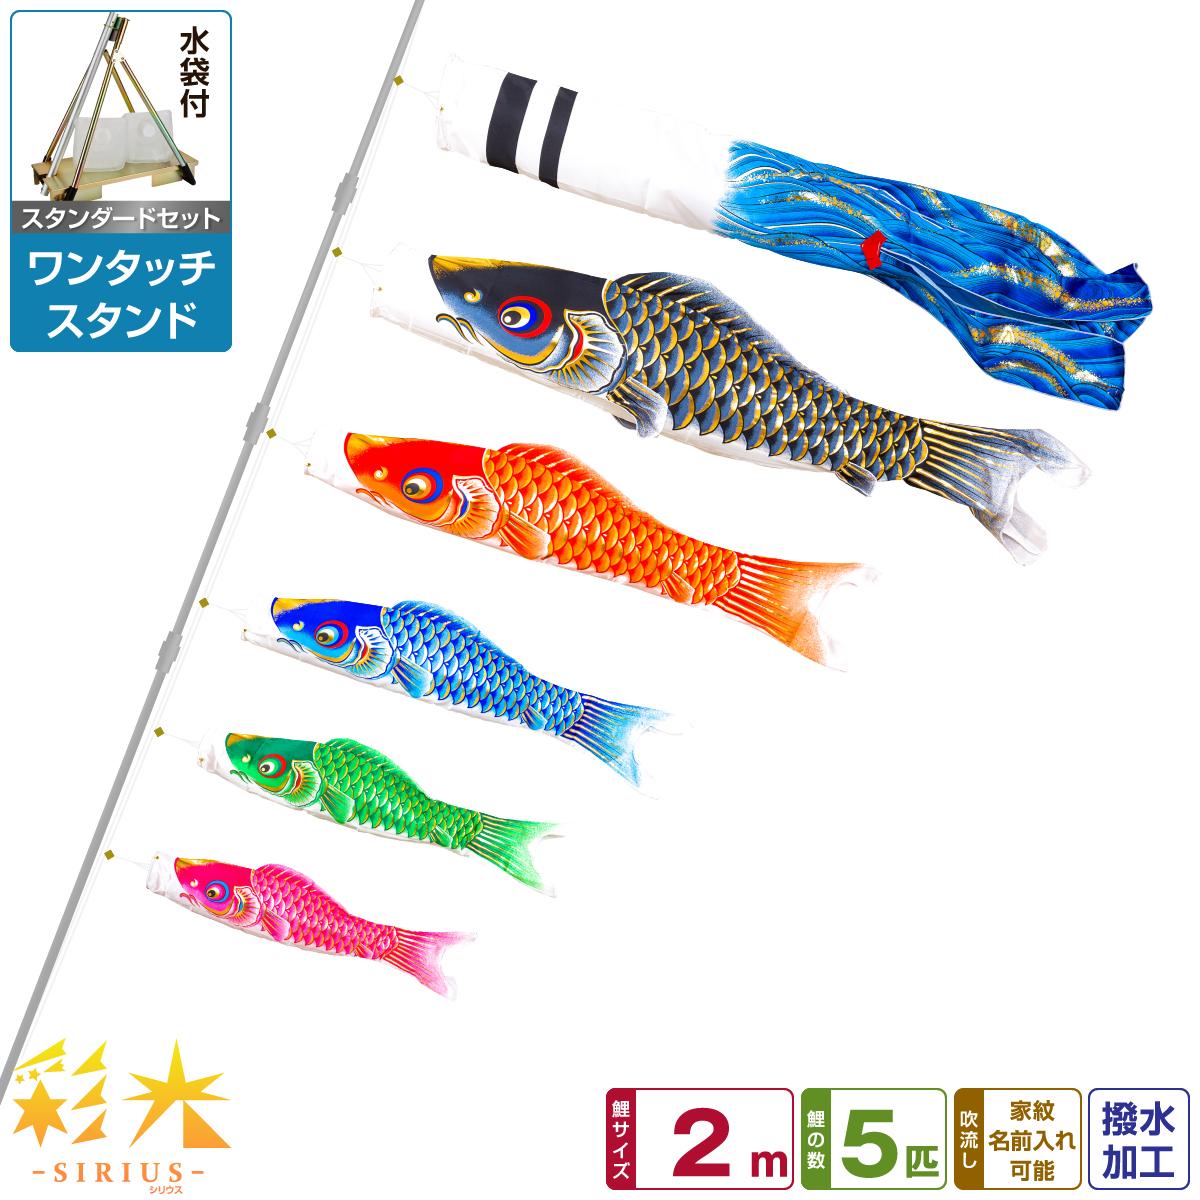 ベランダ用 こいのぼり 鯉のぼり SIRIUS/彩光鯉 2m 8点(吹流し+鯉5匹+矢車+ロープ)/スタンダードセット(ワンタッチスタンド)